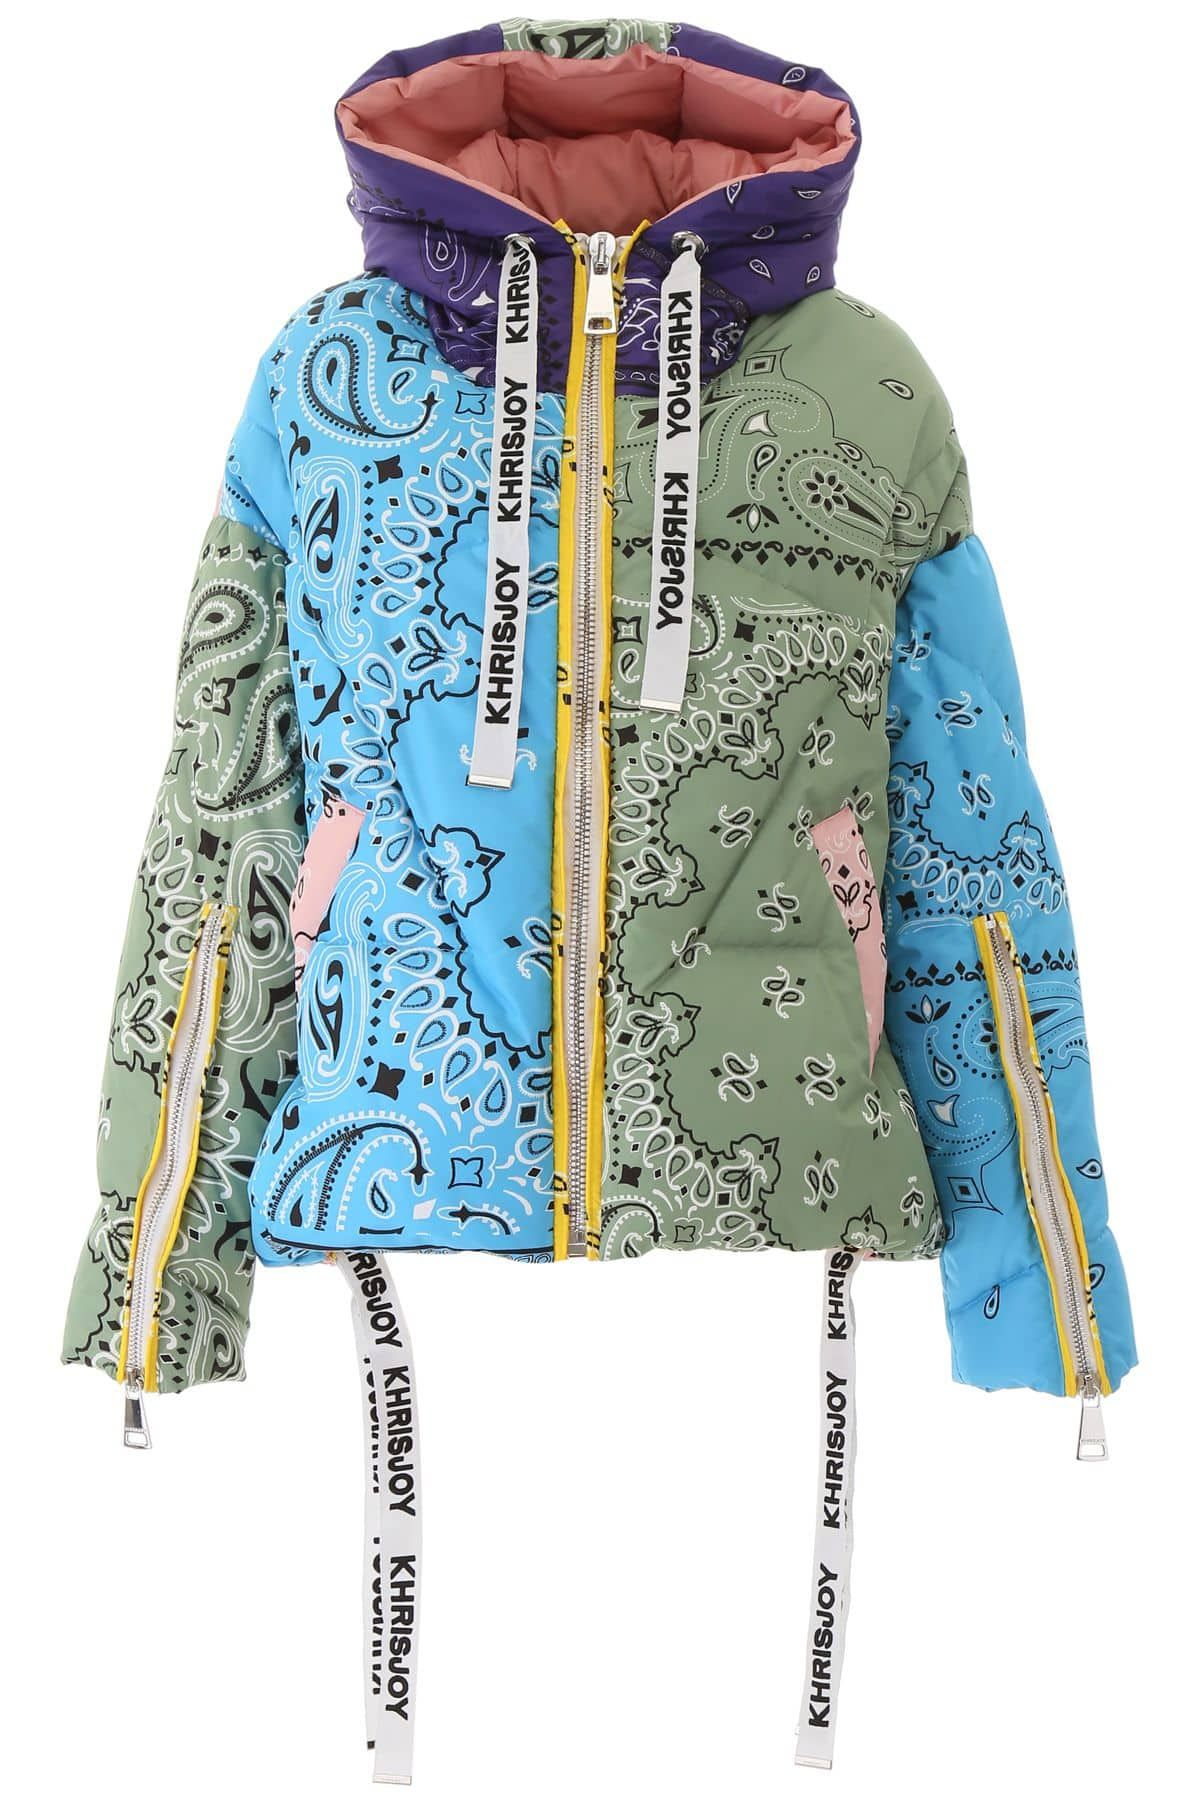 Khrisjoy Bandana Khris Puffer Jacket In 2020 Puffer Jackets Jackets Beige Pants